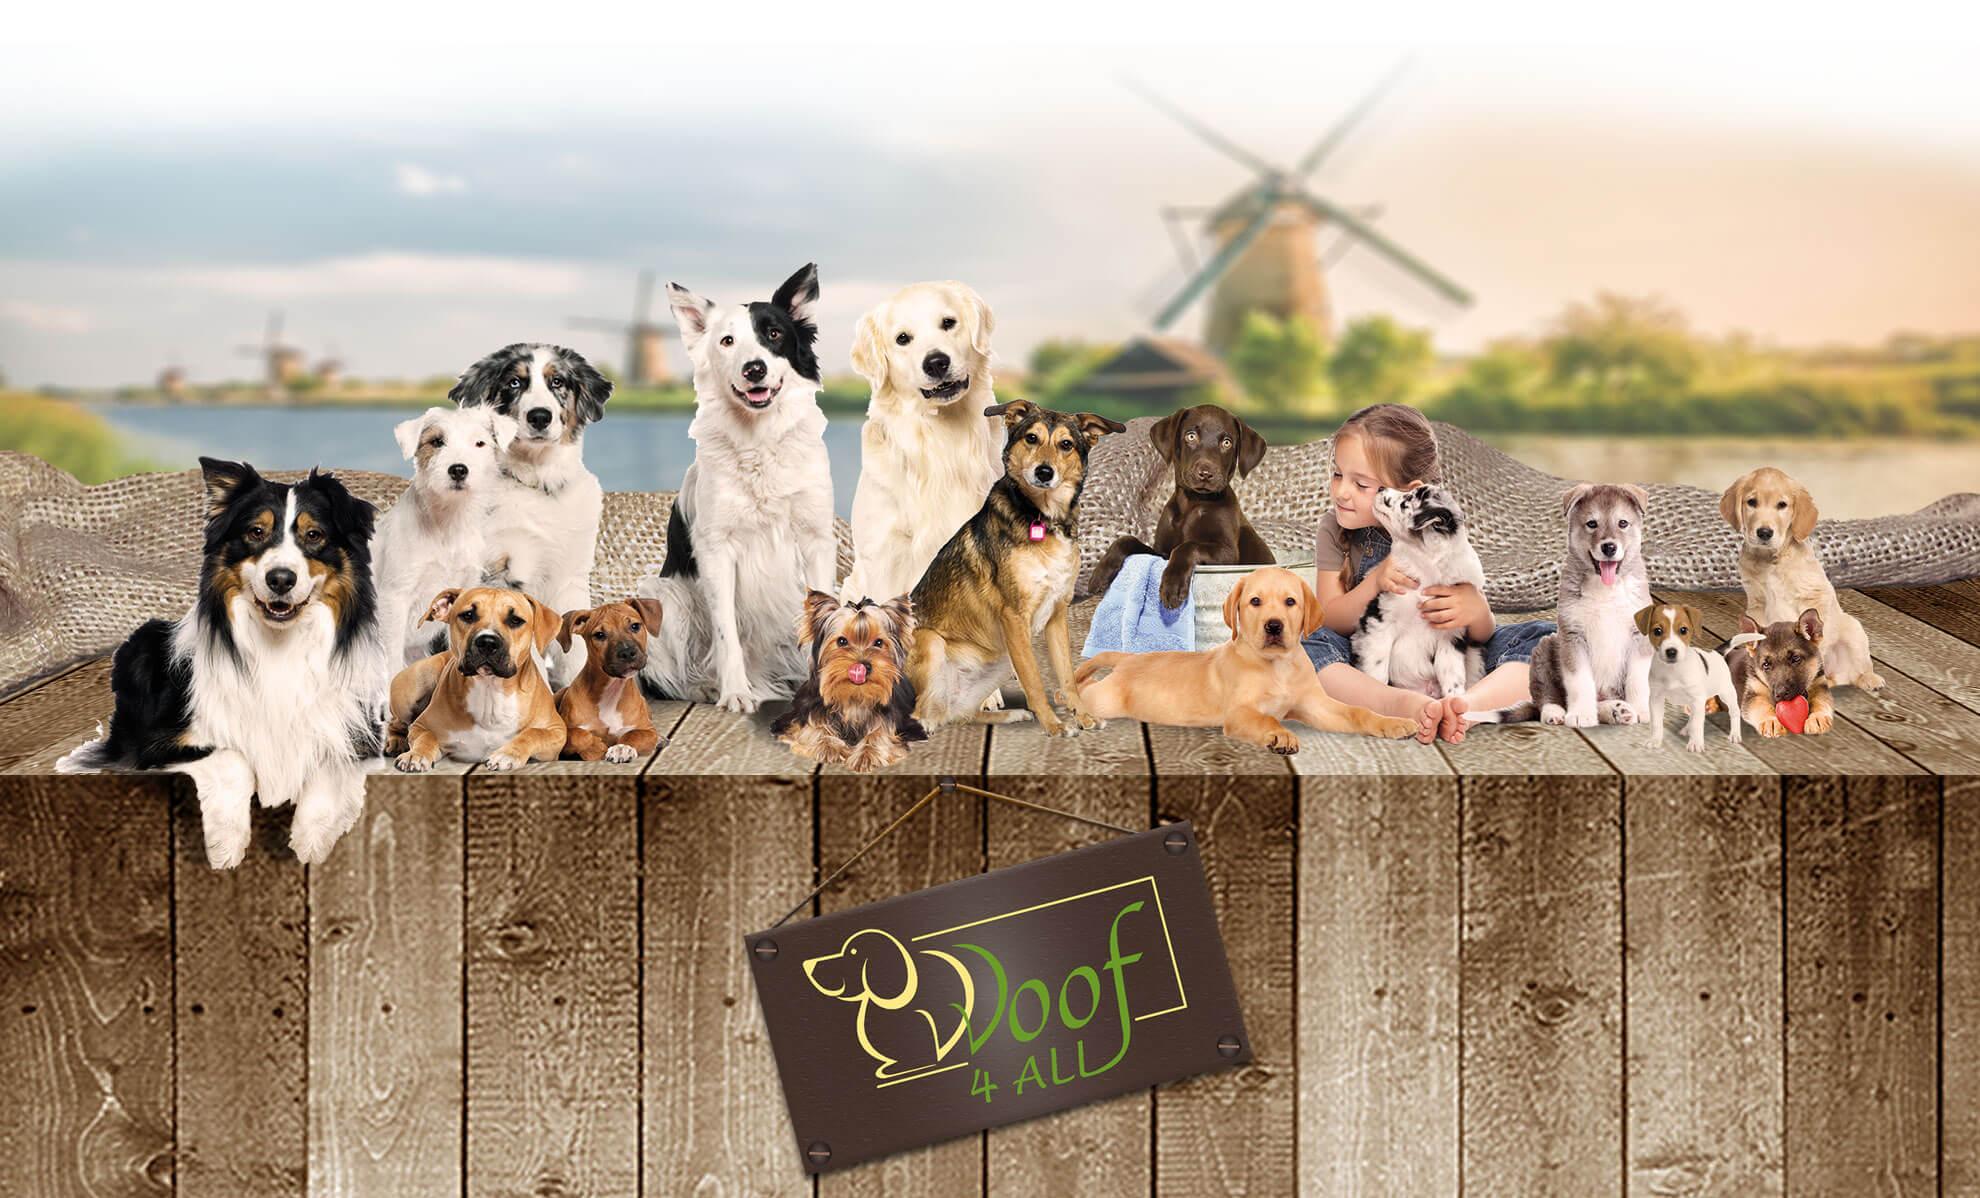 Woof 4 All - Hoog kwalitatief & natuurlijk hondenvoer